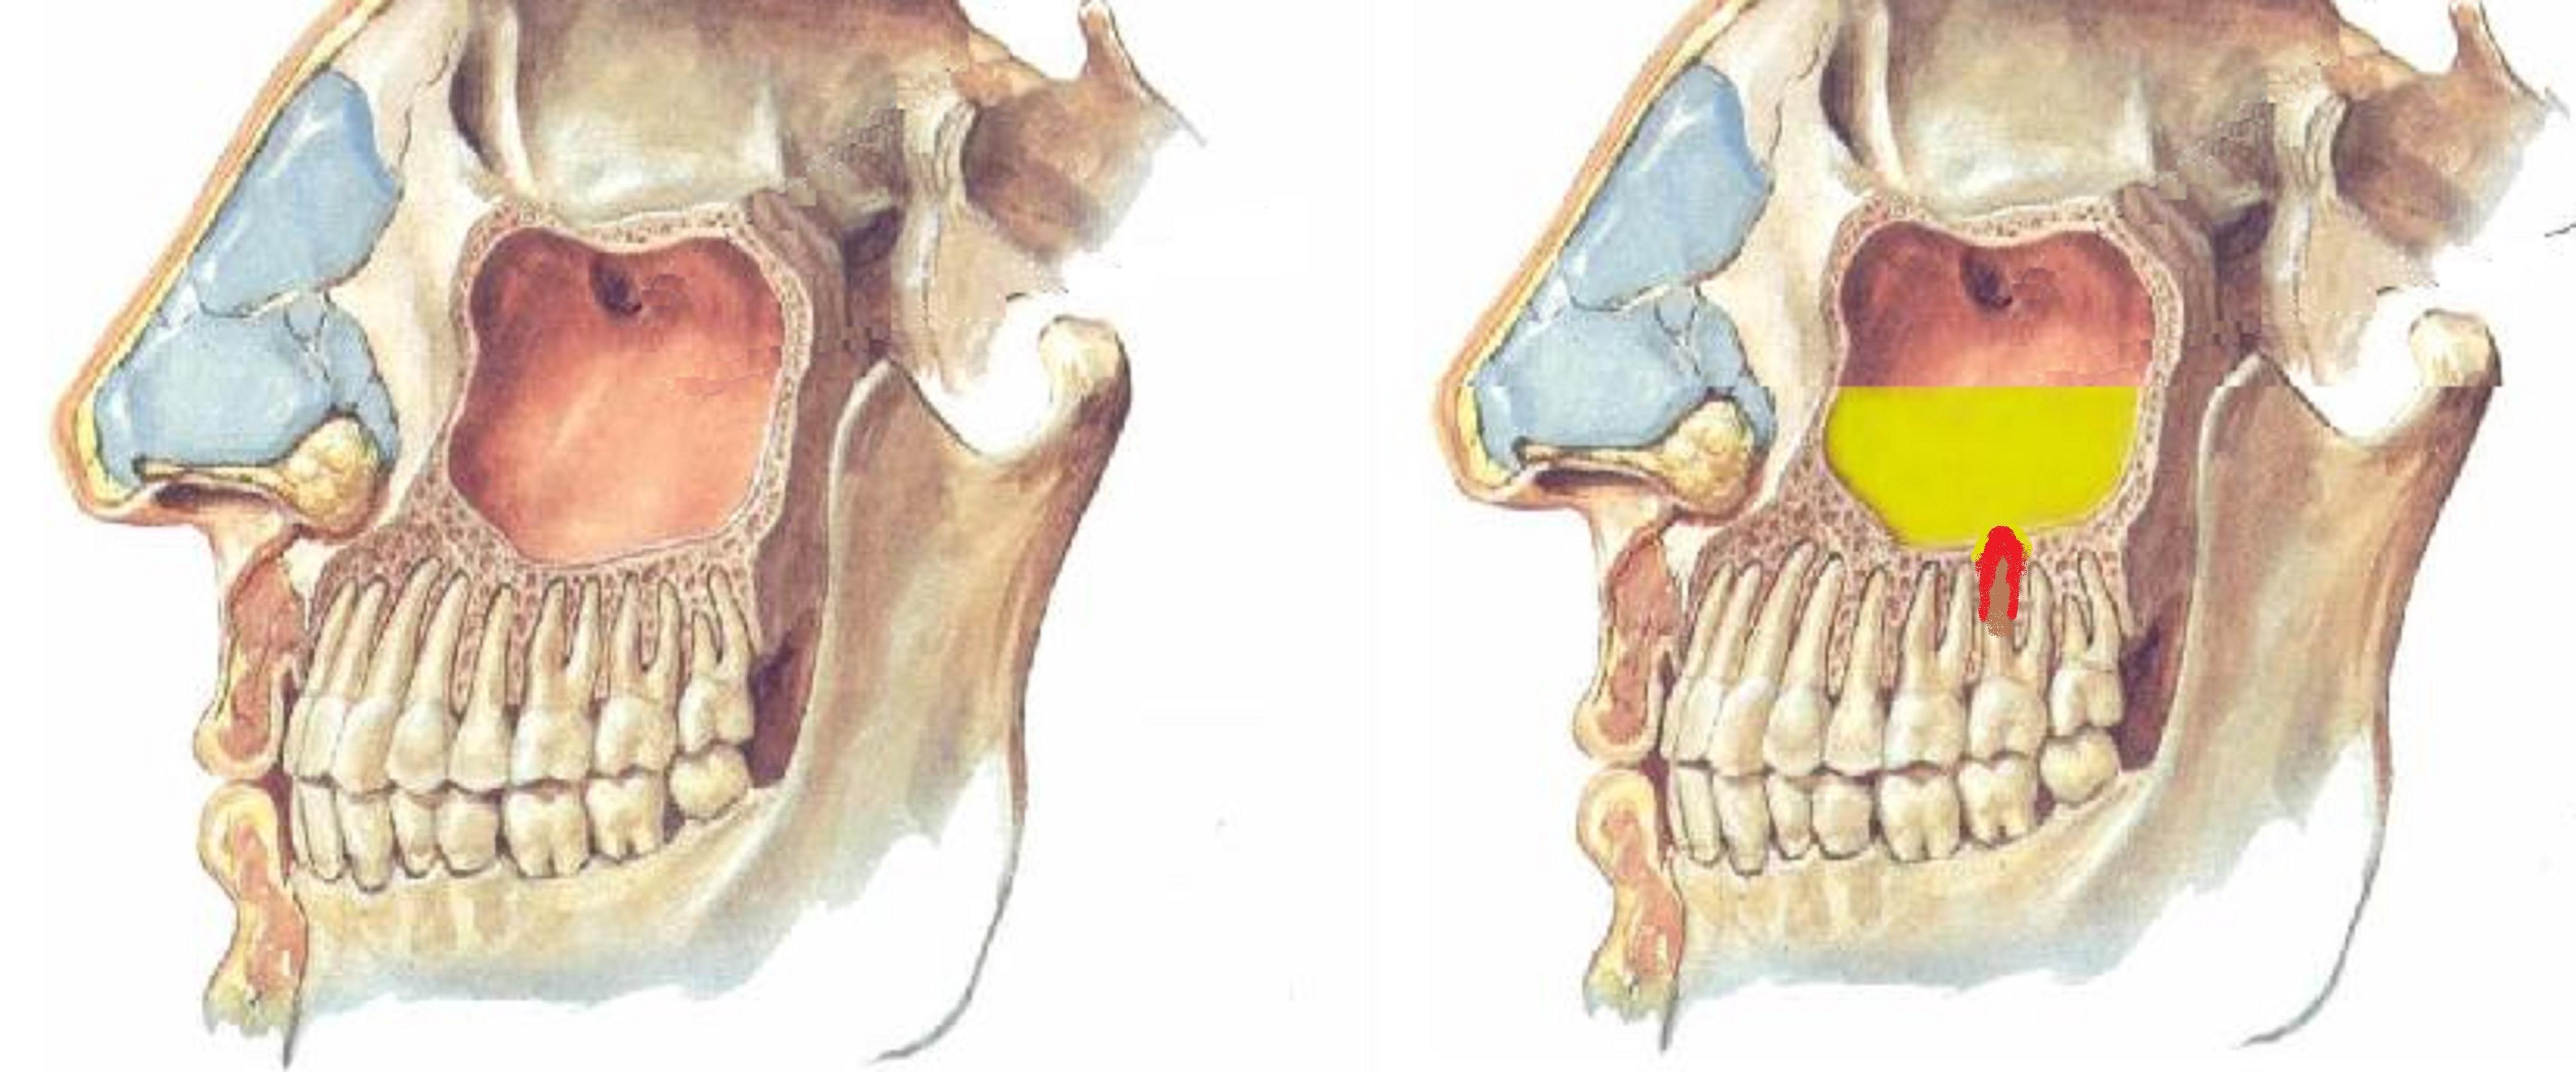 Болит челюсть после имплантации зуба — Болезни полости рта